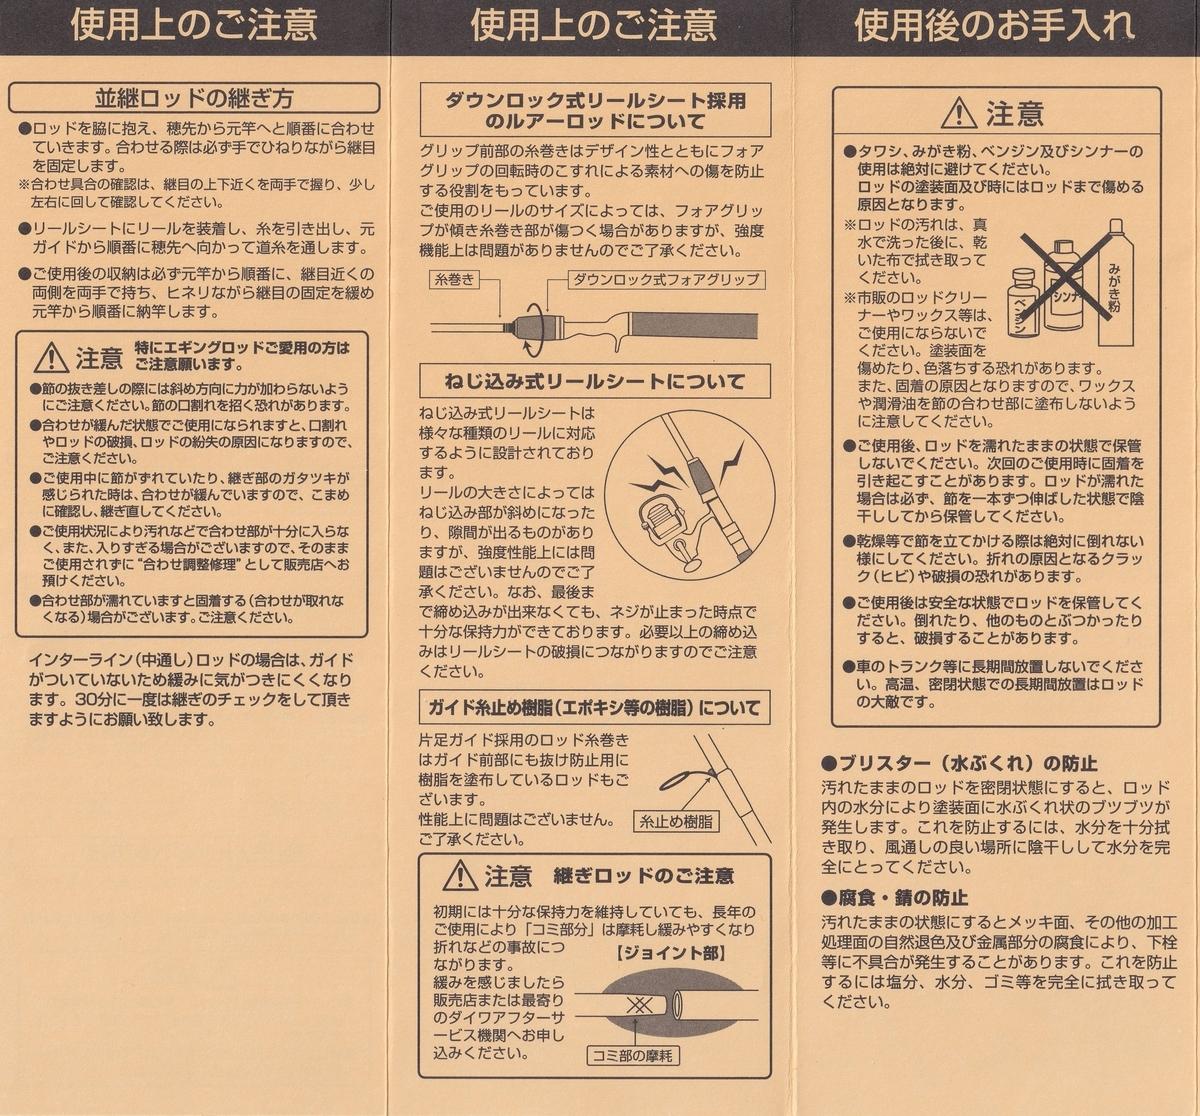 f:id:totoro-niisan:20200527053715j:plain